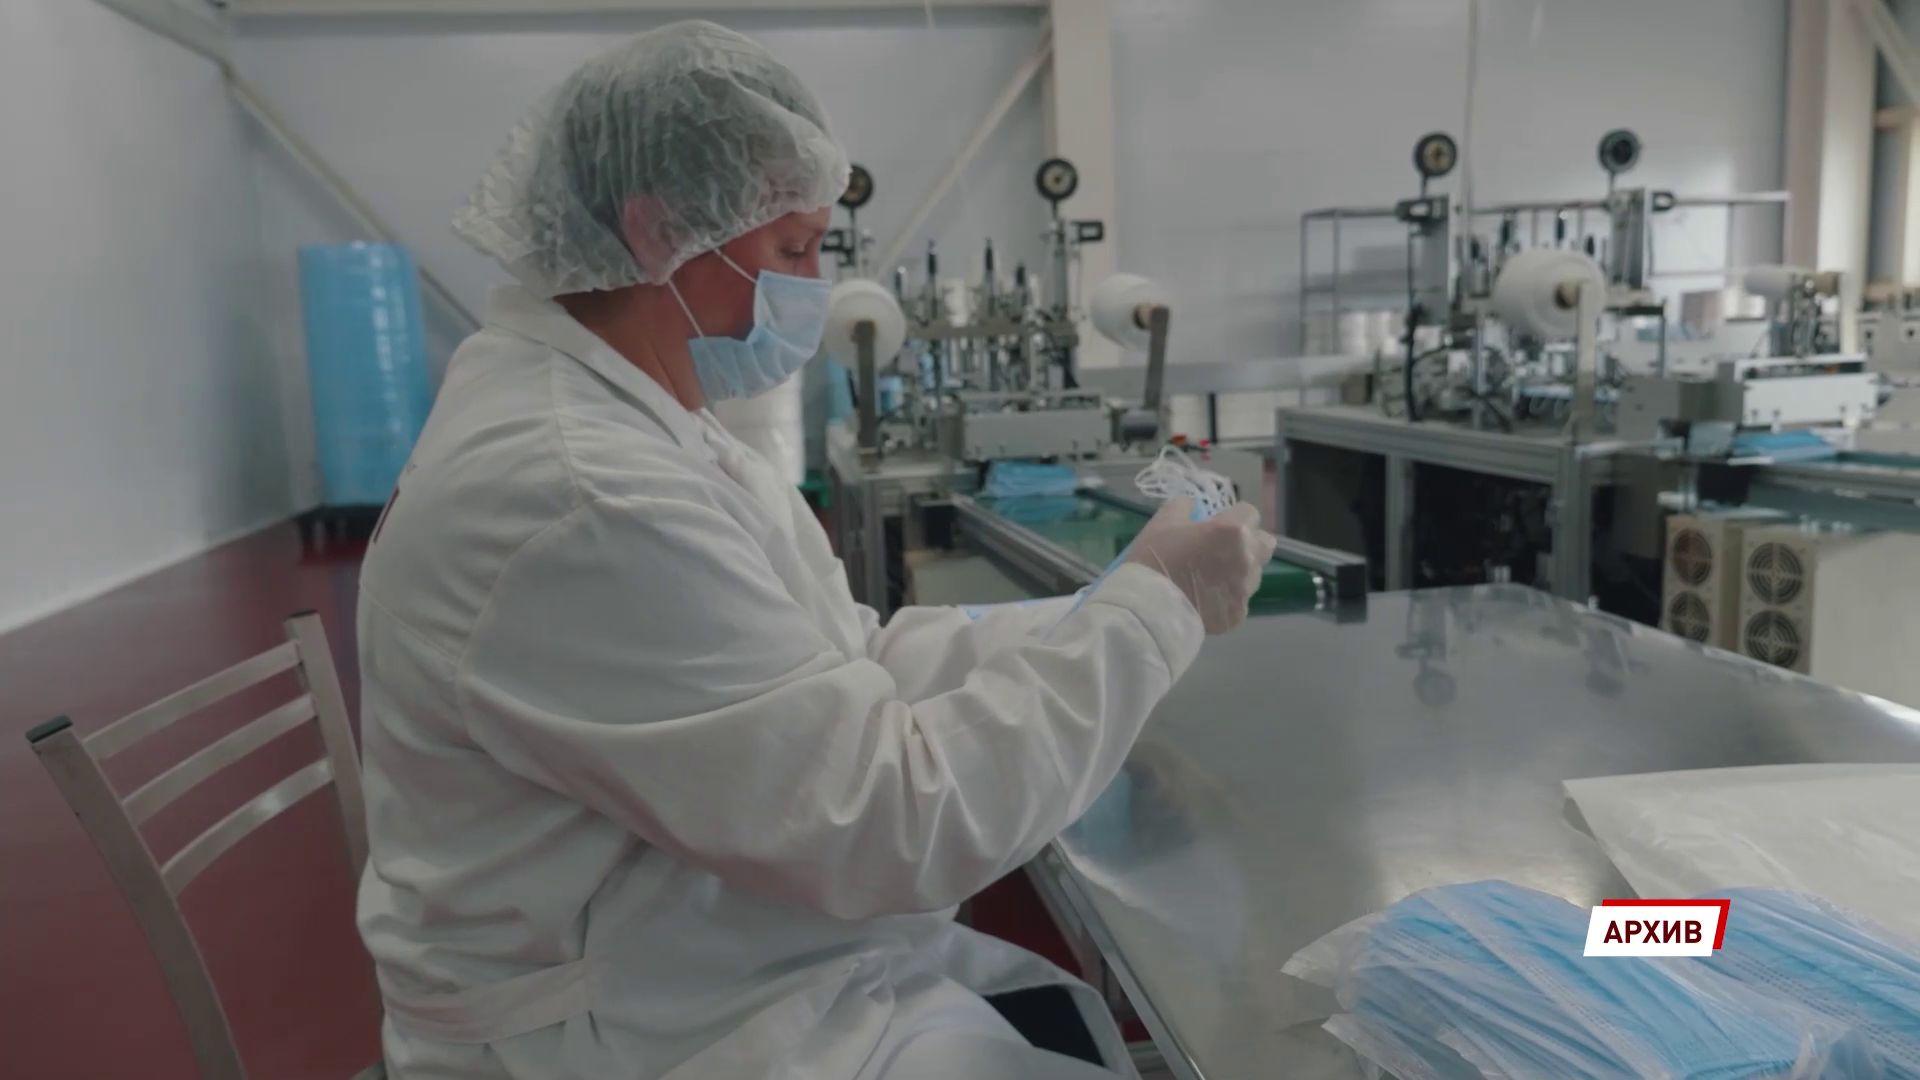 Предприятие «Аронап» активно оказывало поддержку населению области во время пандемии